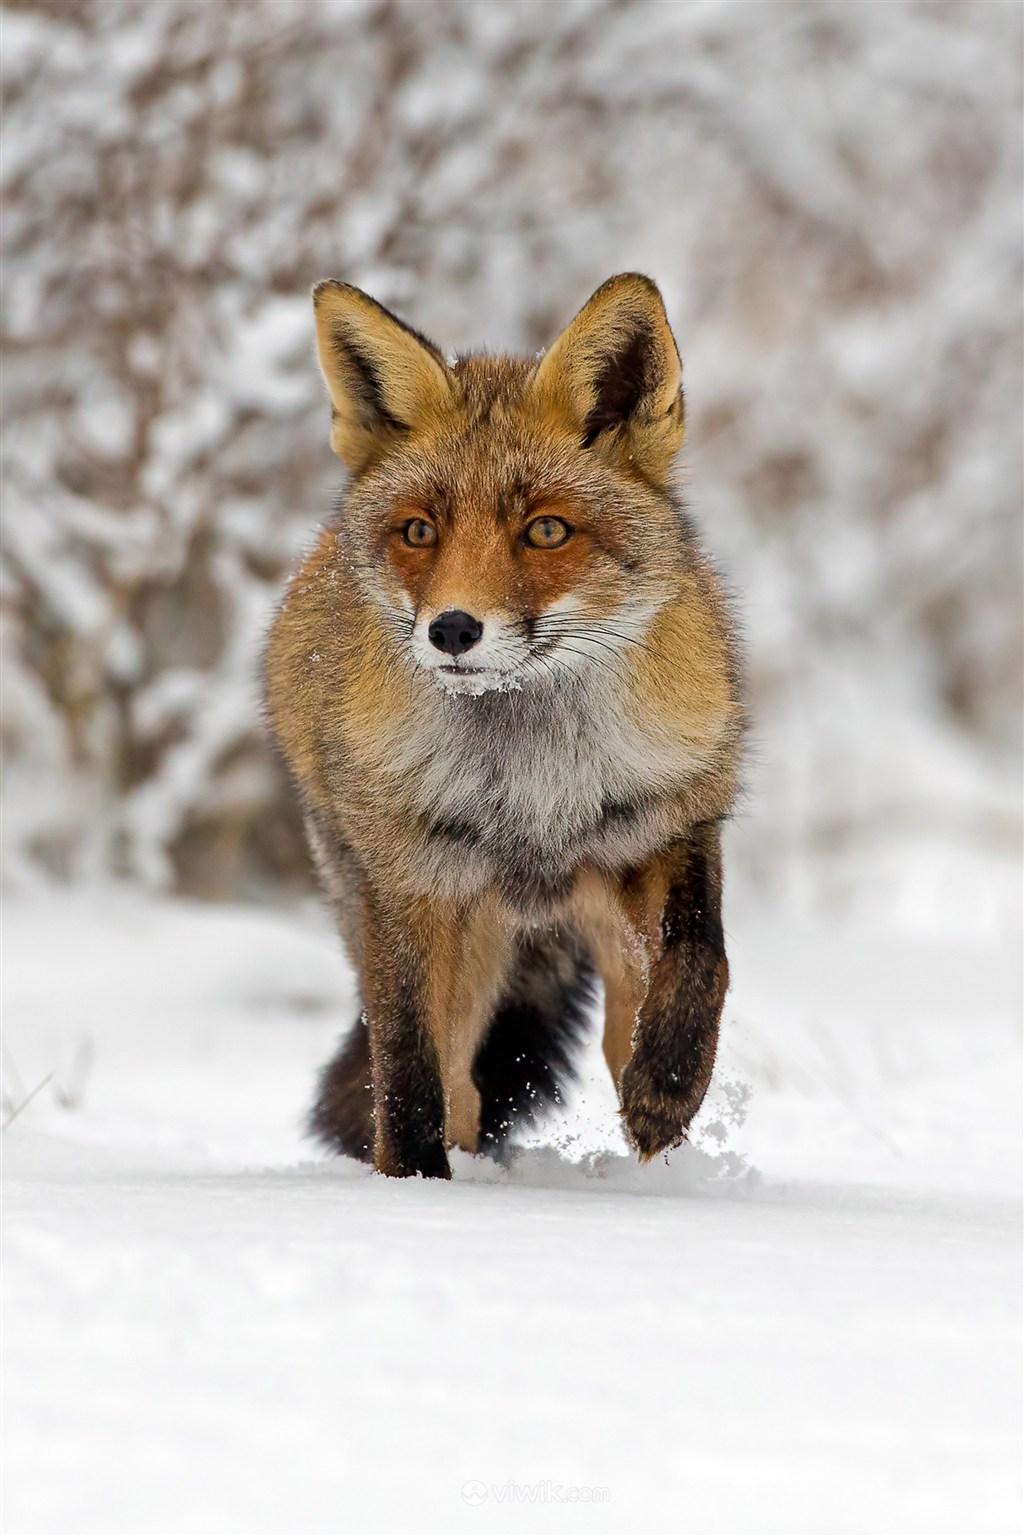 雪天寻找食物的狐狸野生动物图片